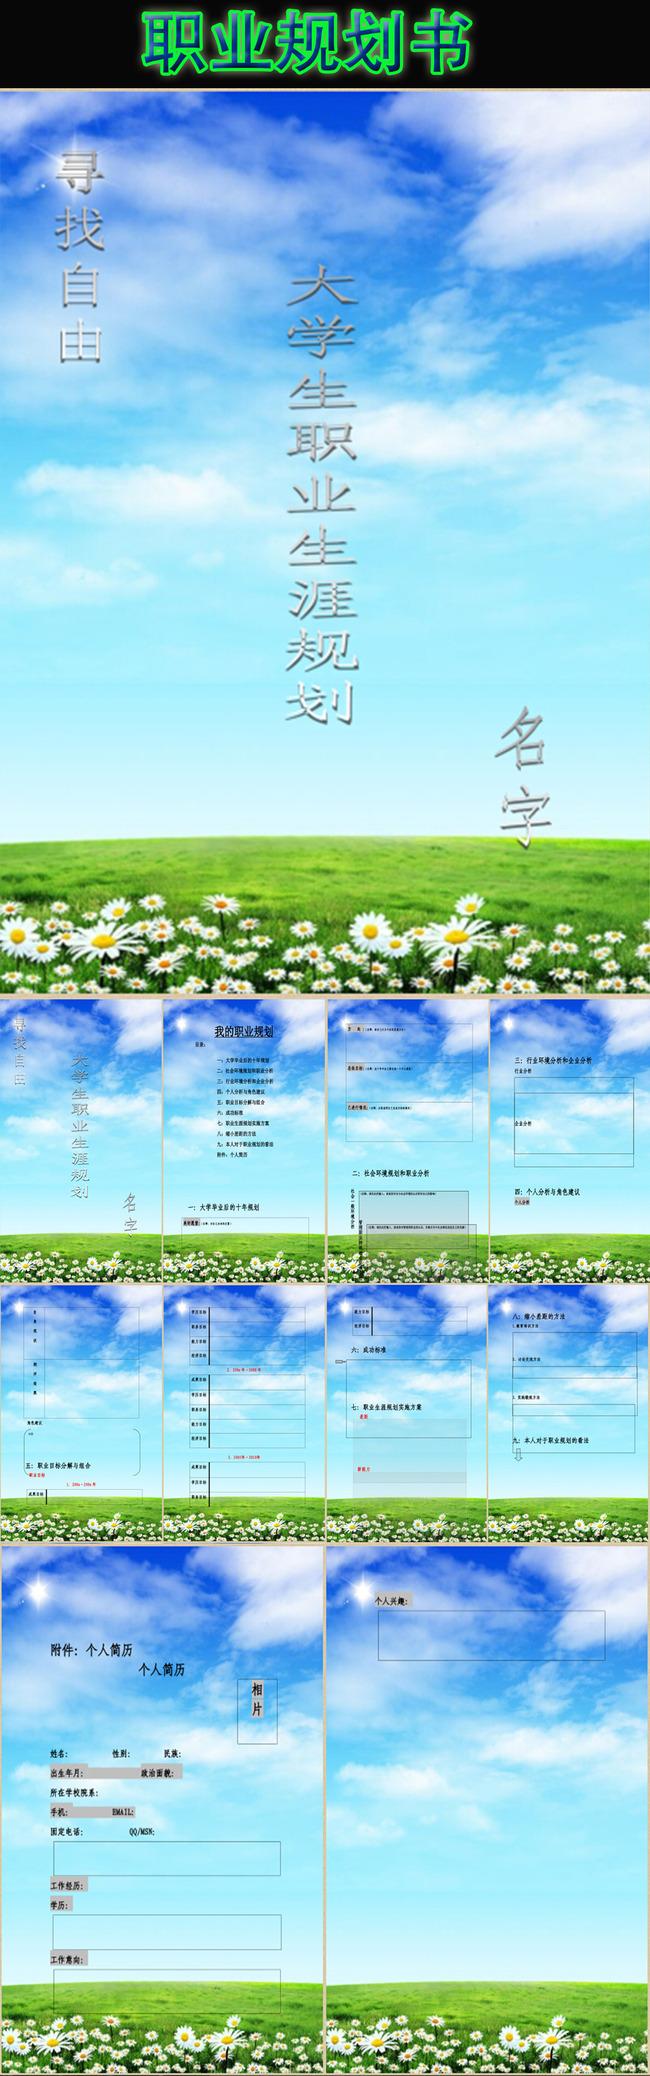 职业规划书-应用文书-word模板